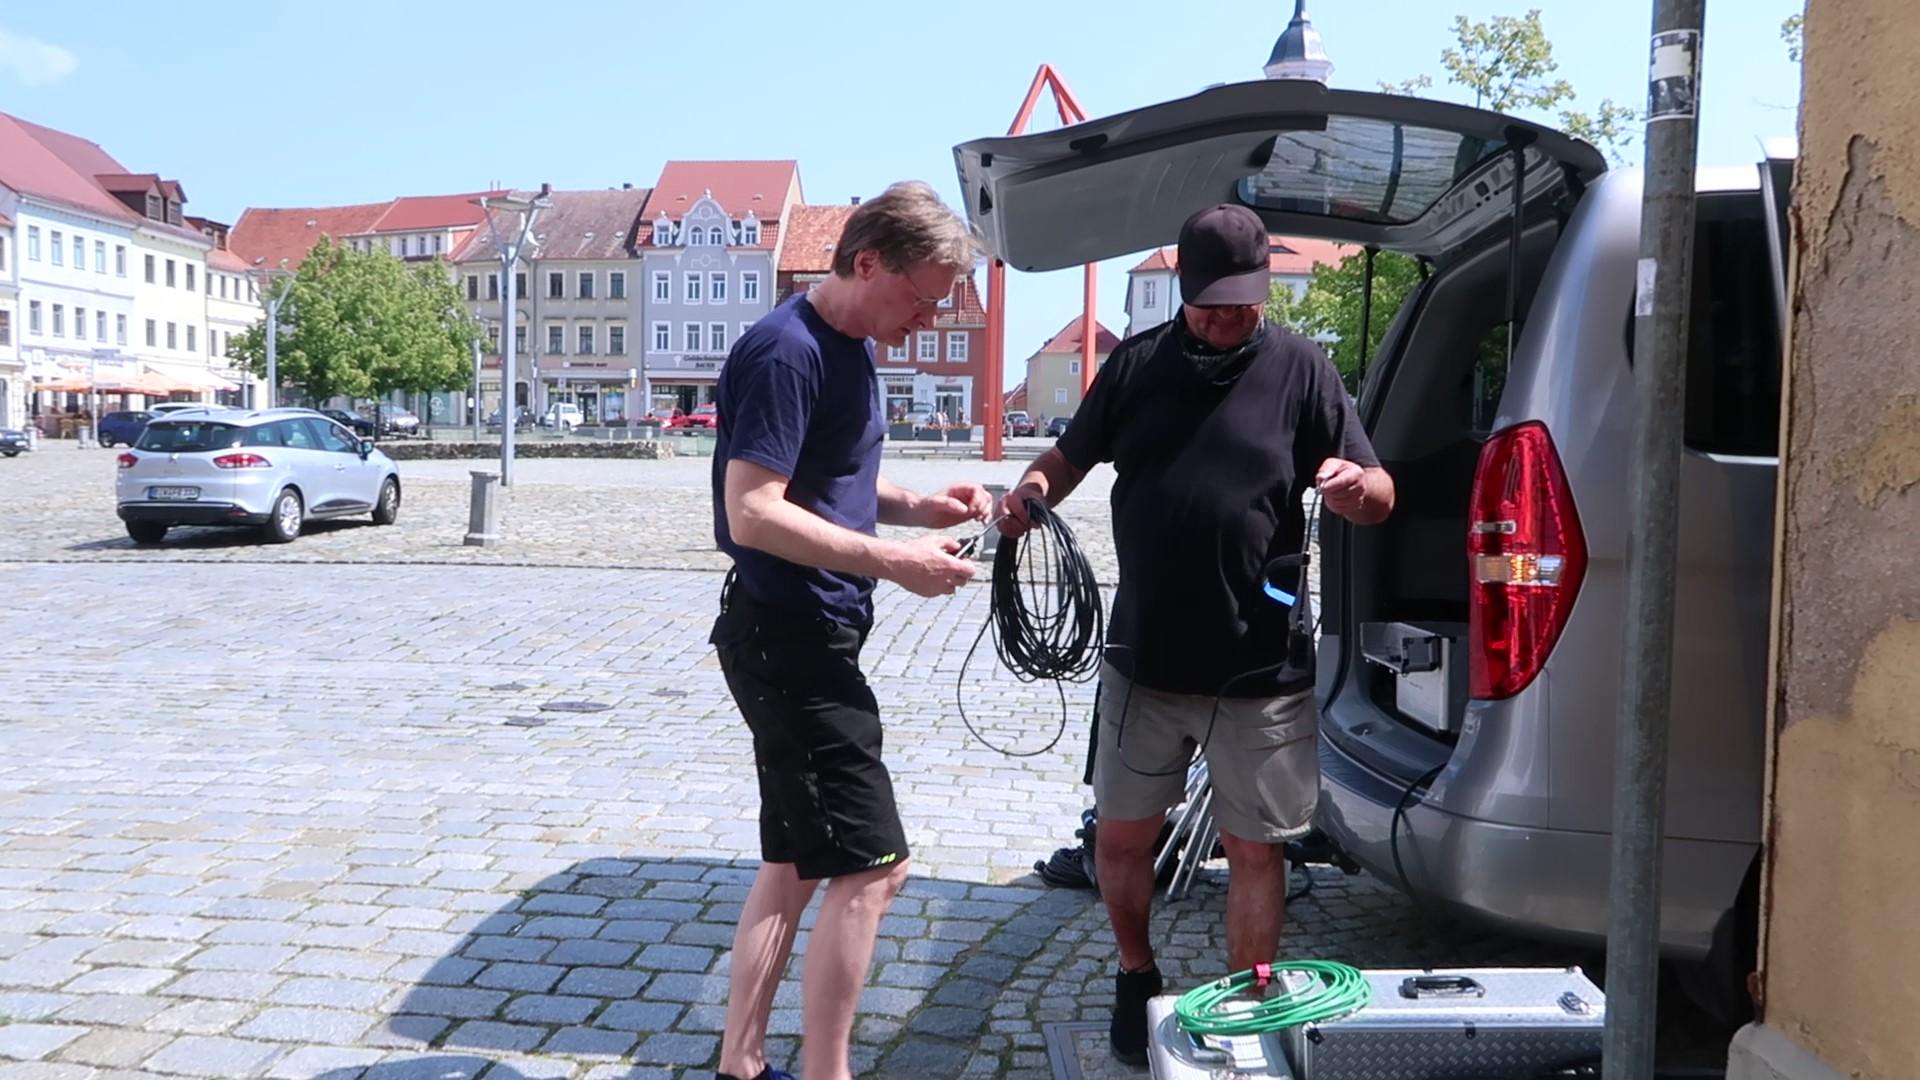 Livestreaming Dienstleister bei der Vorbereitung in Bischofswerda, Sachsen